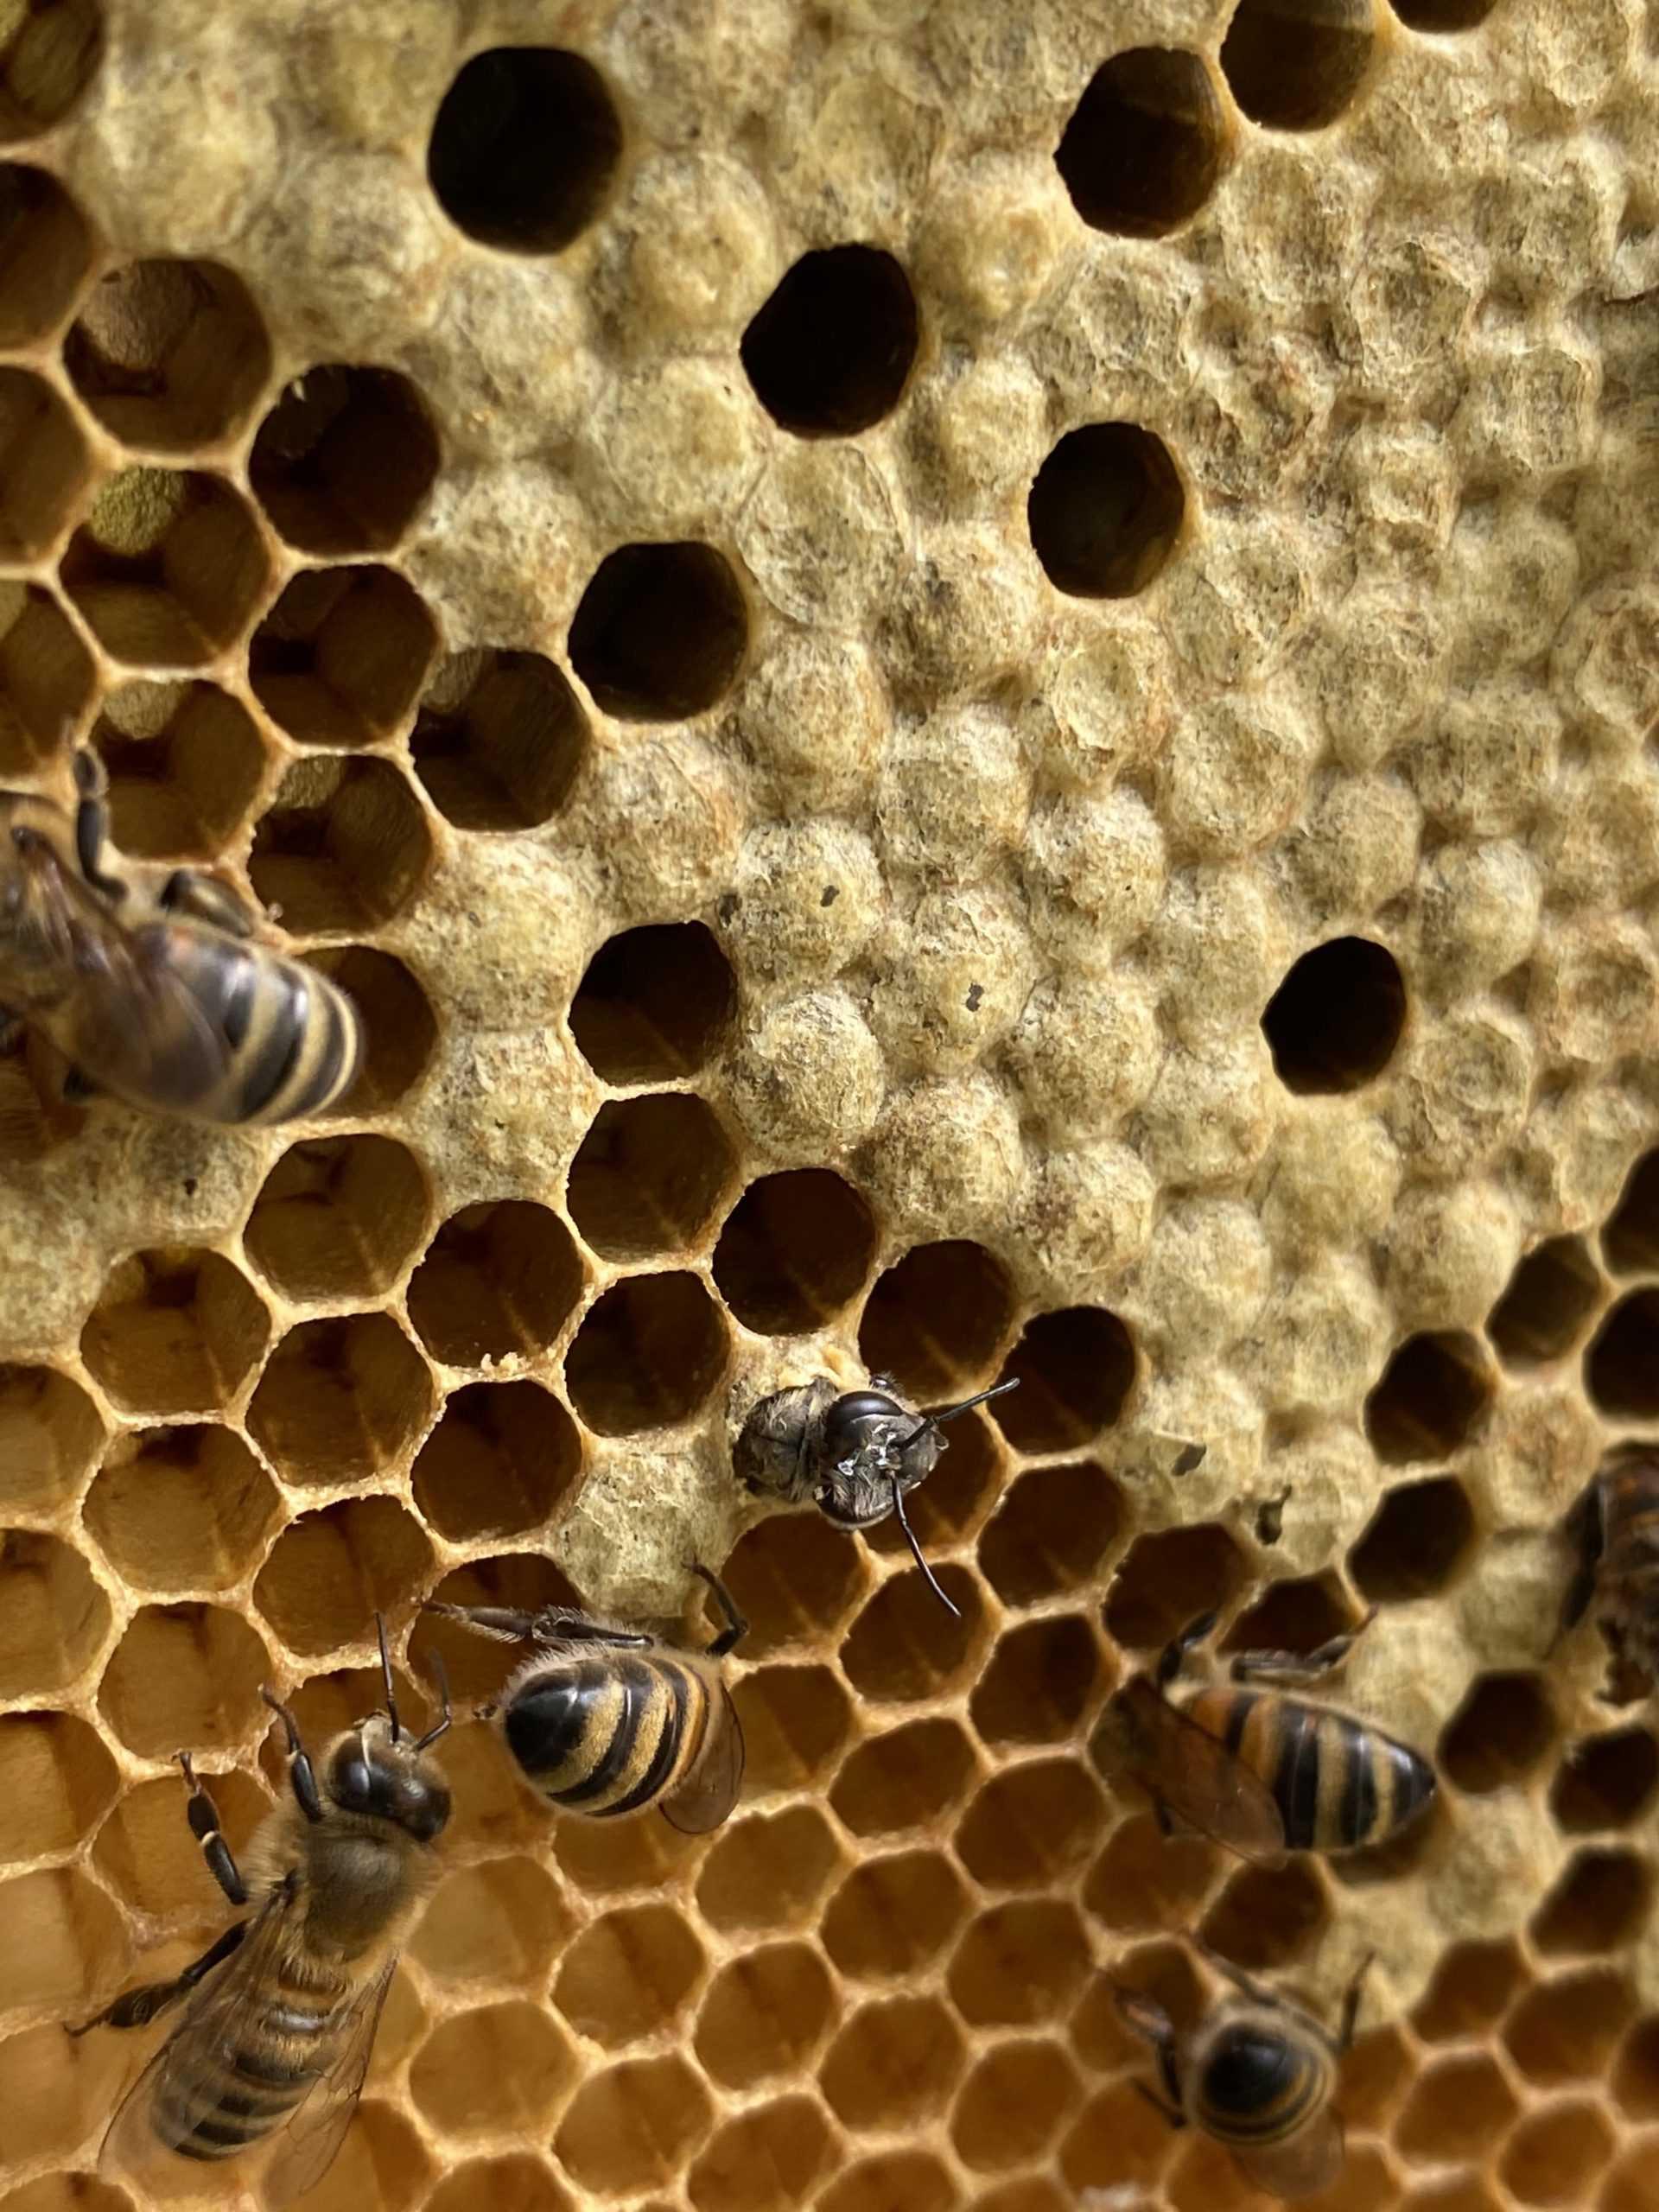 Honey bee brood comb